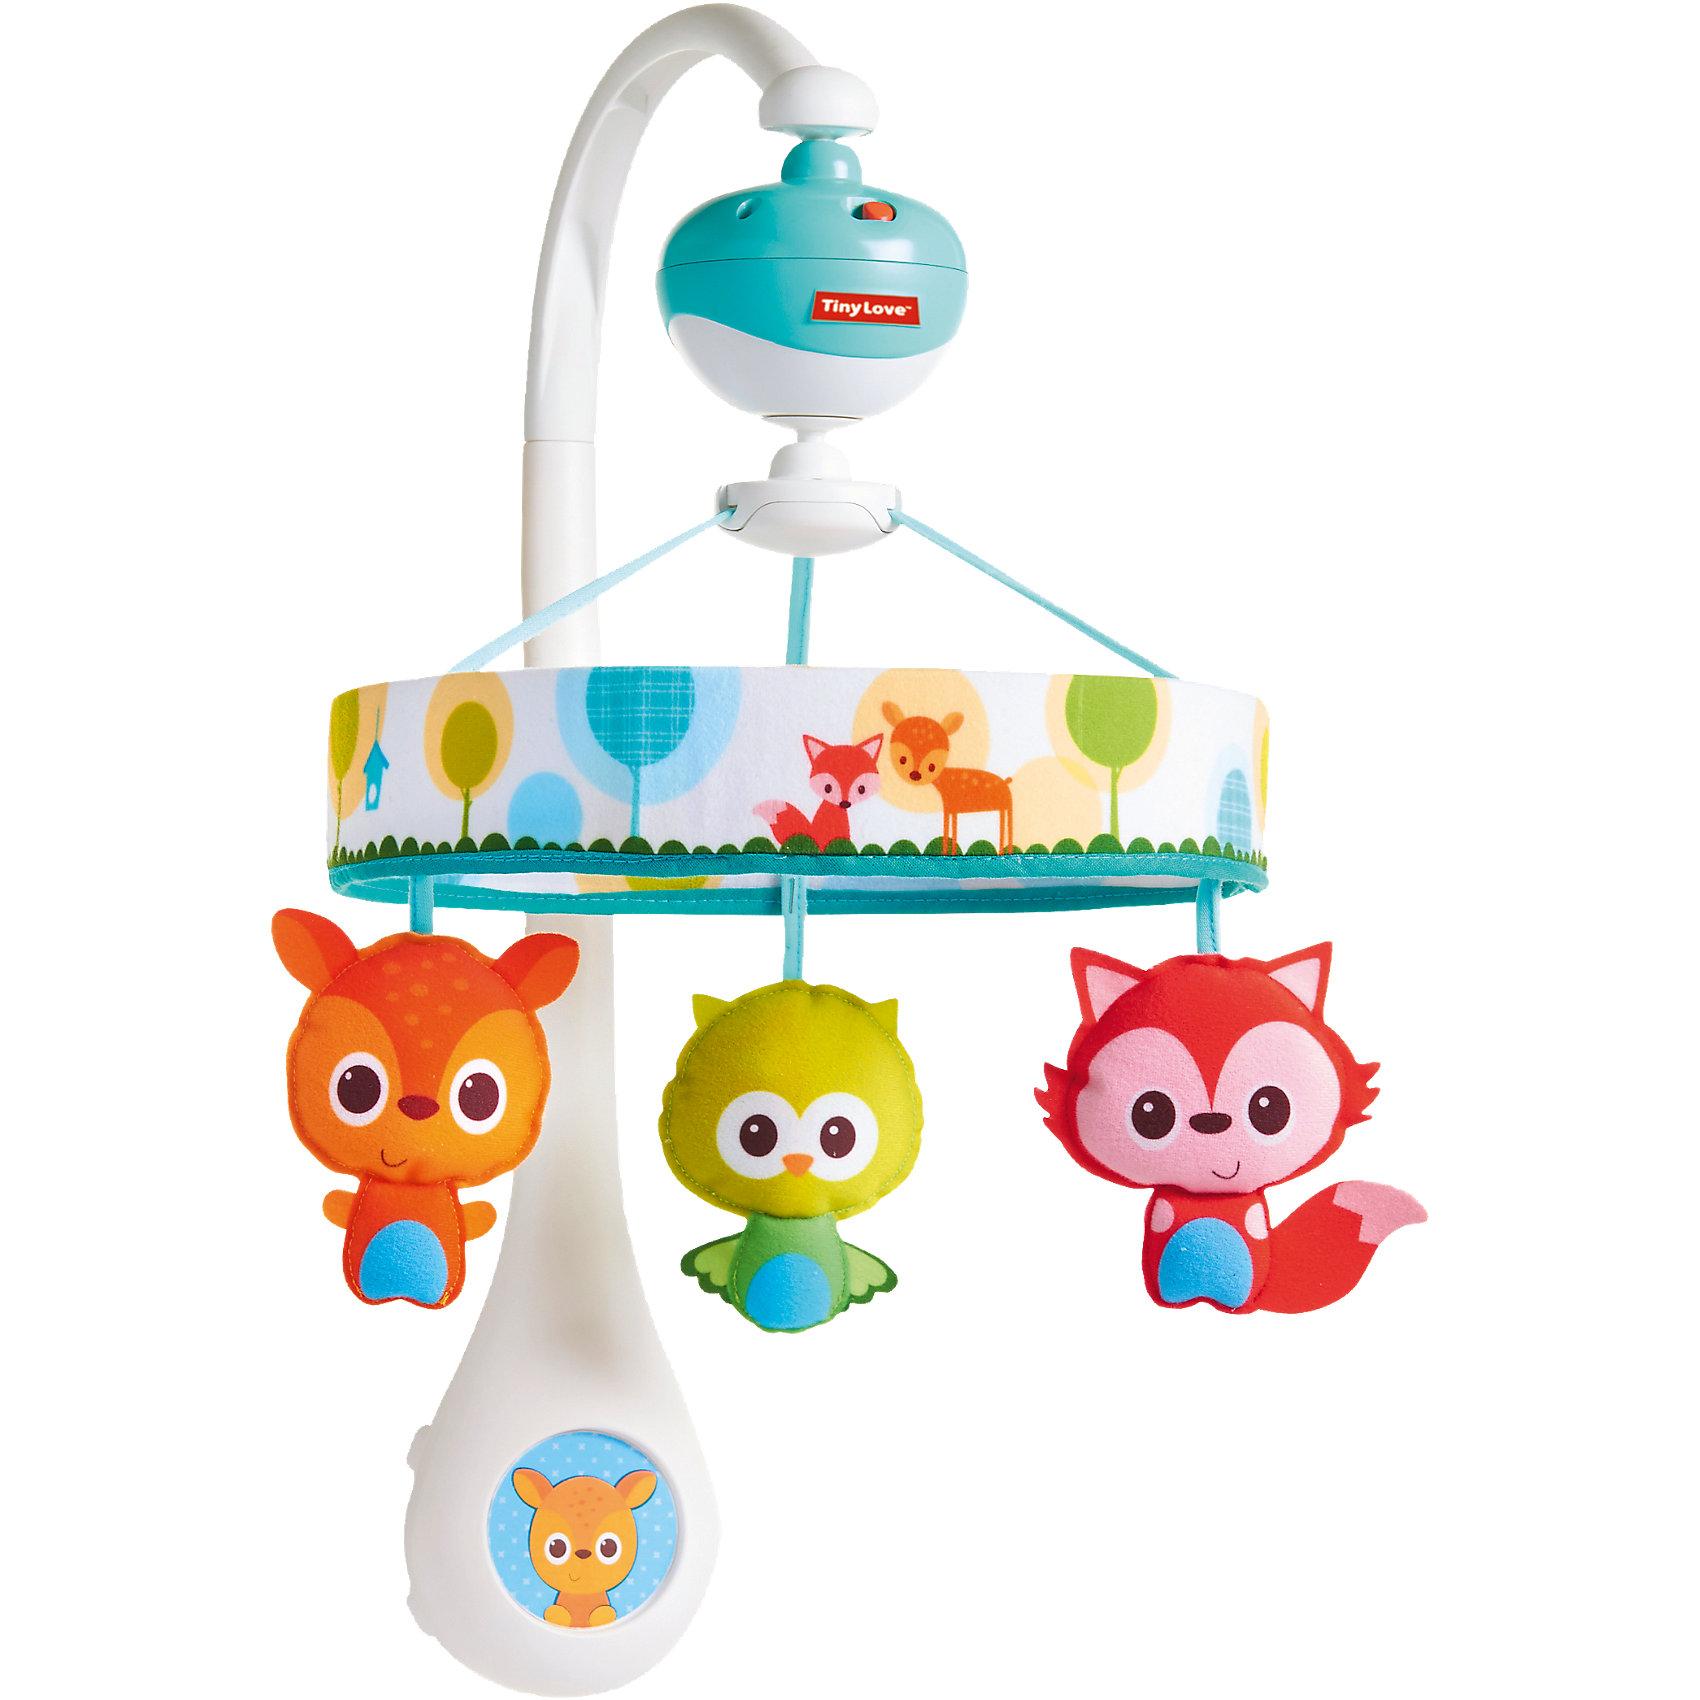 Мобиль Мои музыкальные друзья, Tiny LoveМобили<br>Коврик Мои музыкальные друзья, Tiny Love<br><br>Характеристики коврика:<br>- Материал: текстиль (хлопок, ПЭ), пластик. <br>- Размер: 80 * 45 * 88 см. <br>- Высота дуг коврика: 45 см.<br>- Комплектация: коврик, 2 дуги, 5 подвесных игрушек, музыкальный слоненок.<br>- Имеет 8 мелодий<br>- Элементы питания: батарейки АА, 3 шт. (в комплект не входят)<br>- Можно стирать в стиральной машине (деликатный режим).<br>- Коврик легко собирать и разбирать.<br><br>Коврик Мои музыкальные друзья от известного бренда развивающих товаров для детей Tiny Love (Тини Лав) станет отличным другом малыша. В набор подвесных игрушек входит прорезыватель, погремушка-жирафик, за которую так удобно тянуть, черепашка-бубен с зеркальным панцирем, подвесной попугайчик с колокольчиком, обезьянка-цимбалы и бегемотик- кастаньеты. Закрепляемый слоник поет мелодии при нажатии на его голову. В памяти слоника записаны восемь мелодий, таких как менуэт Баха, алфавитную песенку, песенку автобуса, Row Your Boat на английском языке. Коврик рассчитан для детей от рождения и до года. В первые три месяца ребенок начинает изучать пространство и может нажимать на слоника ножками, устанавливая причинно-следственные связи с появлением музыки и движениями ножек. Начиная с трех месяцев и до полугода малыш может проводить время на животике и изучать себя в черепашку-зеркало. После полугода малыш может использовать музыкальные инструменты коврика отдельно как свой музыкальный  набор в виде погремушки, бубна, слоника. Коврик поможет развить воображение, логику, навыки общения, крупную моторику рук, а также тактильное, цветовое и звуковое восприятие.   <br><br>Коврик Мои музыкальные друзья, Tiny Love (Тини Лав) можно купить в нашем интернет-магазине.<br>Подробнее:<br>• Для детей в возрасте: от 0 до 12 месяцев <br>• Номер товара: 4324399<br>Страна производитель: Китай<br><br>Ширина мм: 349<br>Глубина мм: 342<br>Высота мм: 116<br>Вес г: 870<br>Возраст от месяцев: 0<br>Возраст 